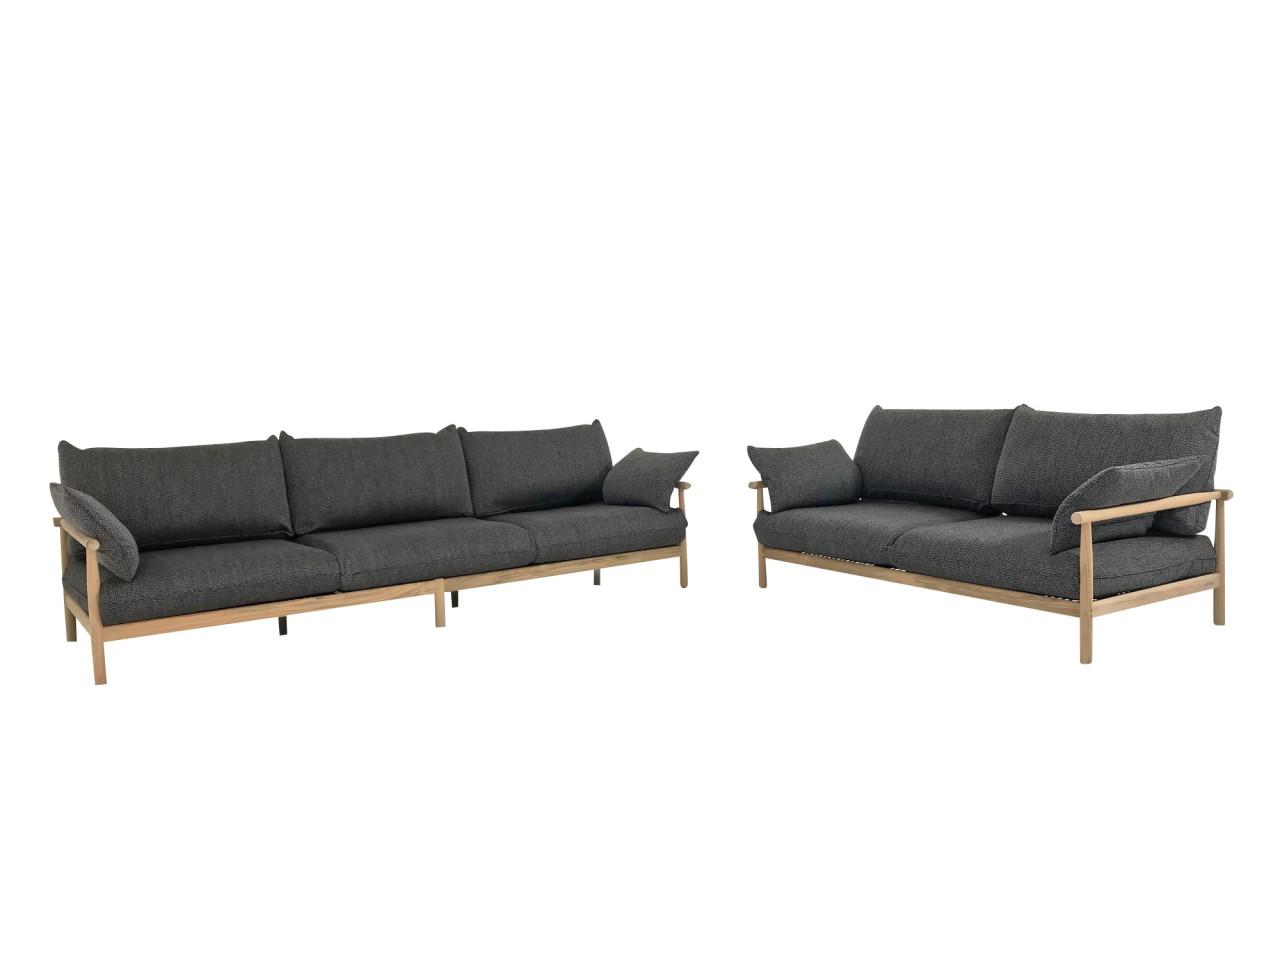 Dedon tibbo sofa 3 und sofa 2 f r garten und terrasse in for Sofa terrasse